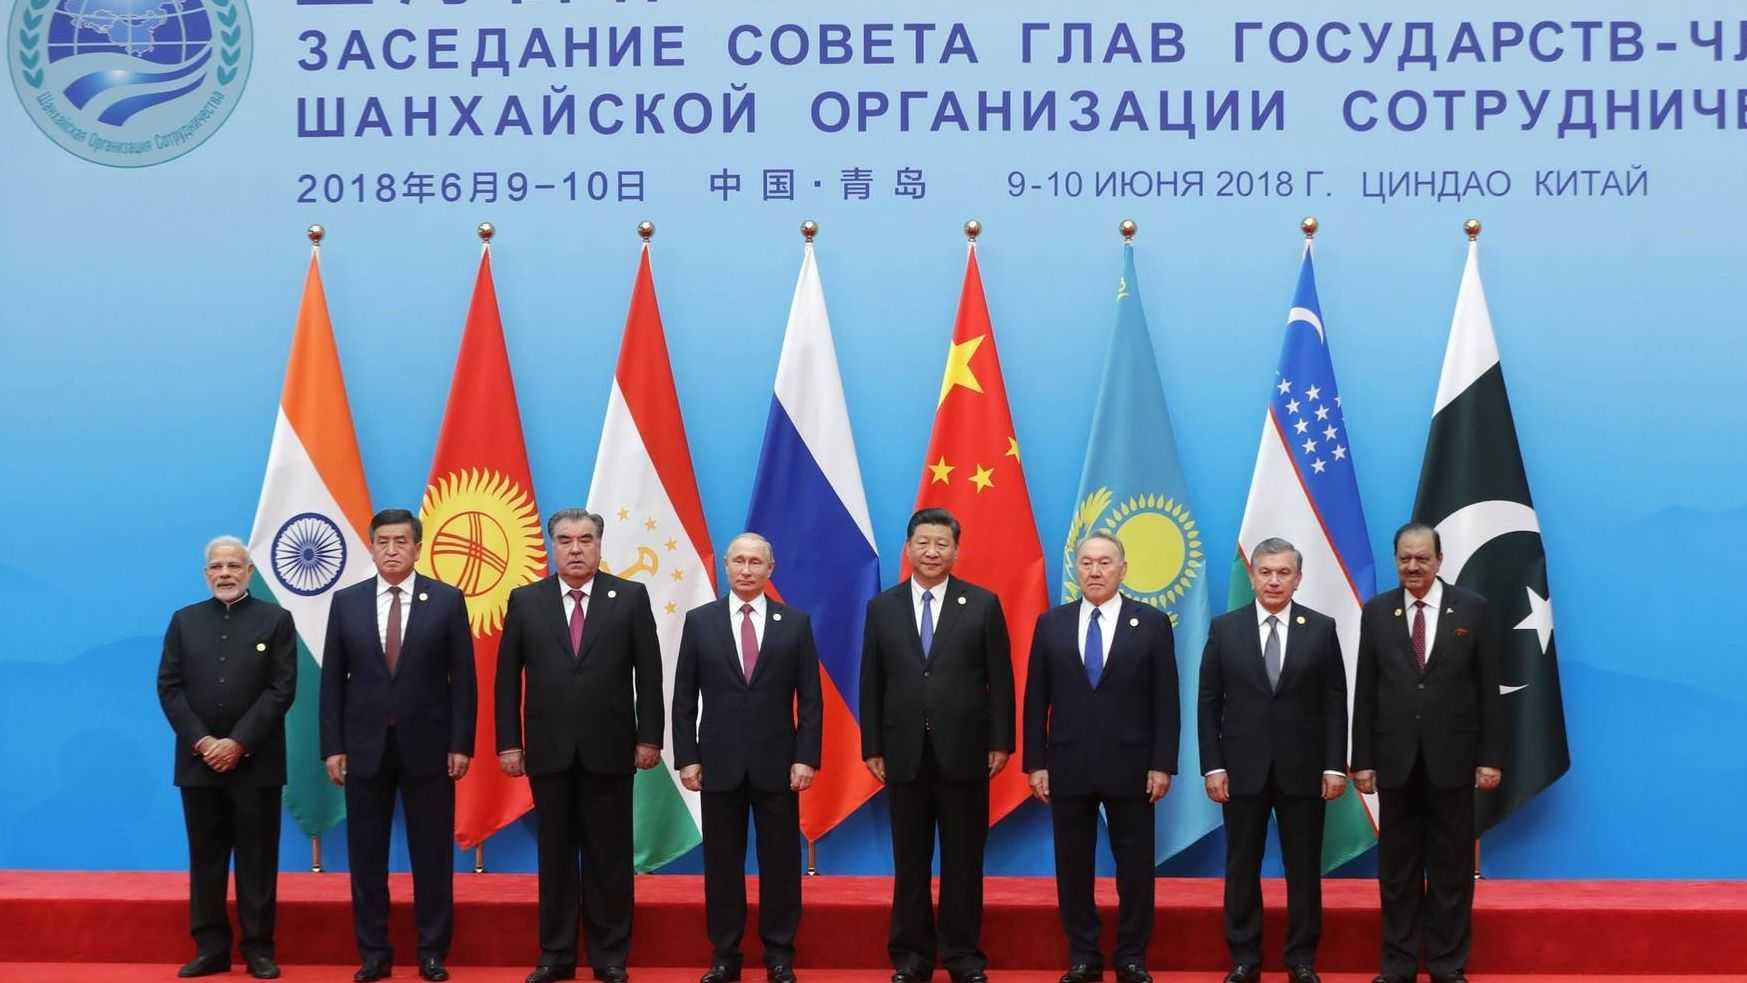 Участники саммита Шанхайской организации сотрудничества